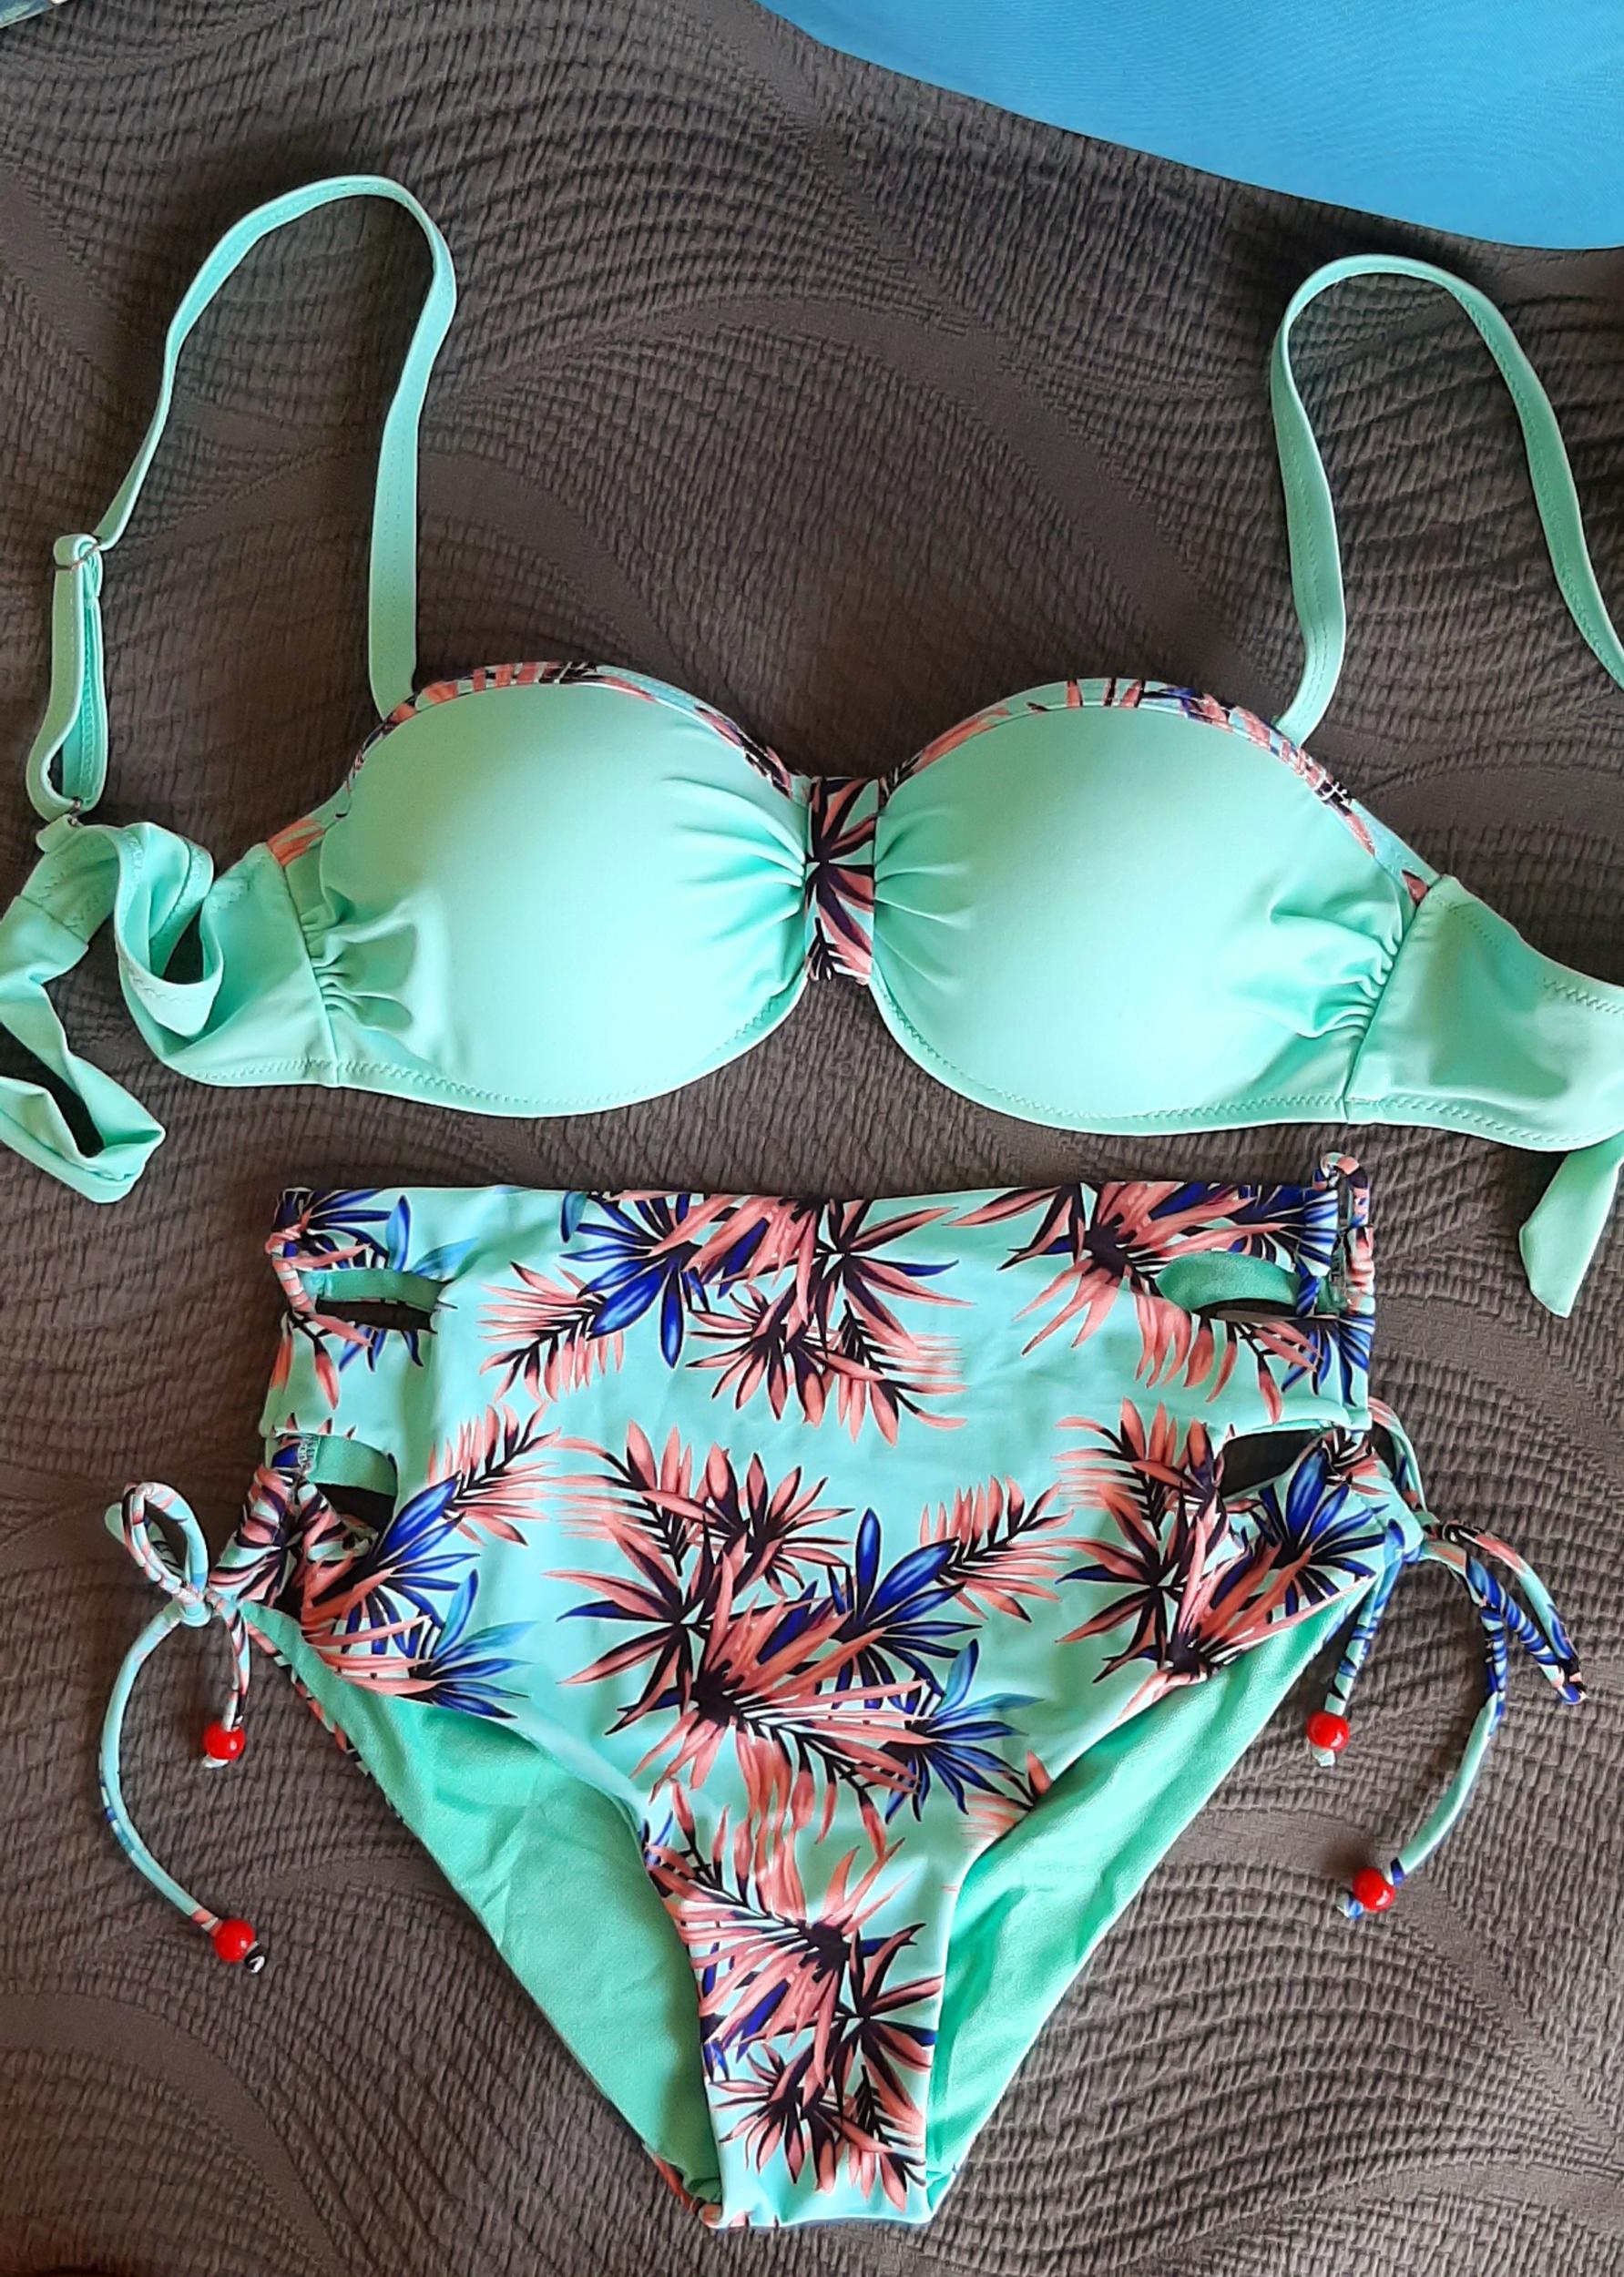 Maillot de bain culotte haute vert pastel